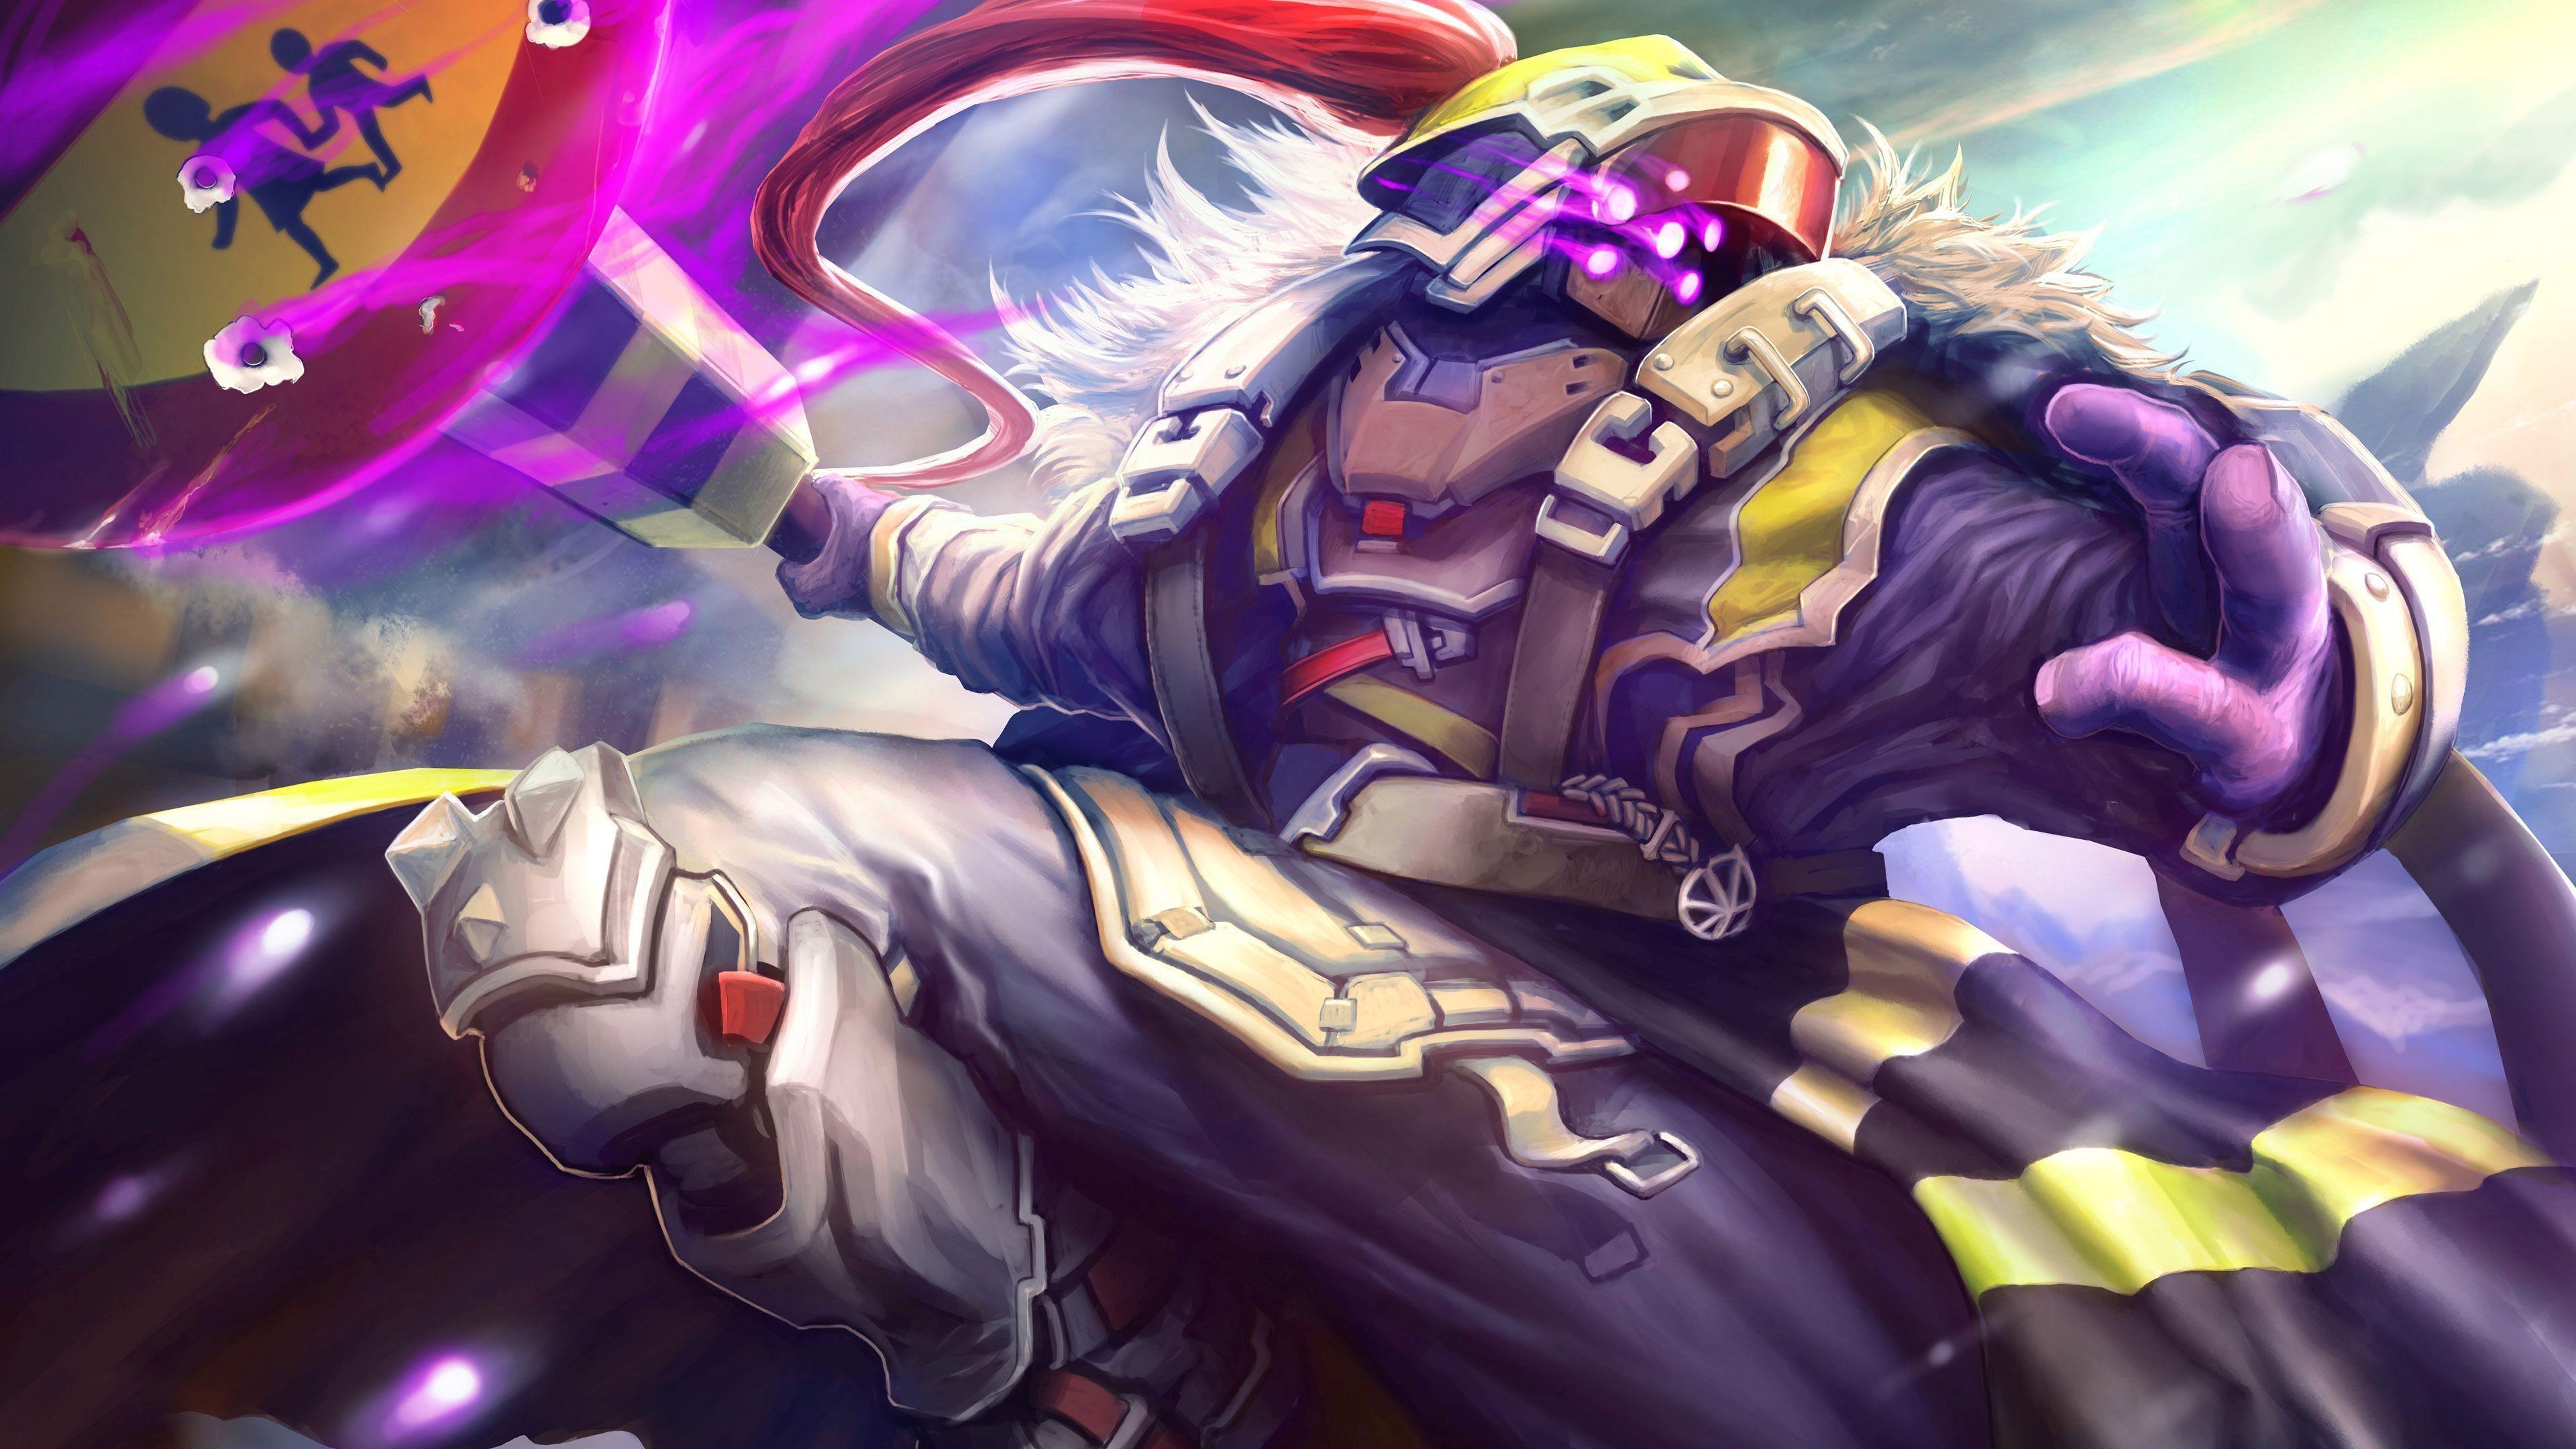 Download Wallpaper 3840x2400 Jax League Of Legends Art Ultra Hd League Of Legends Characters League Of Legends Fantasy Online